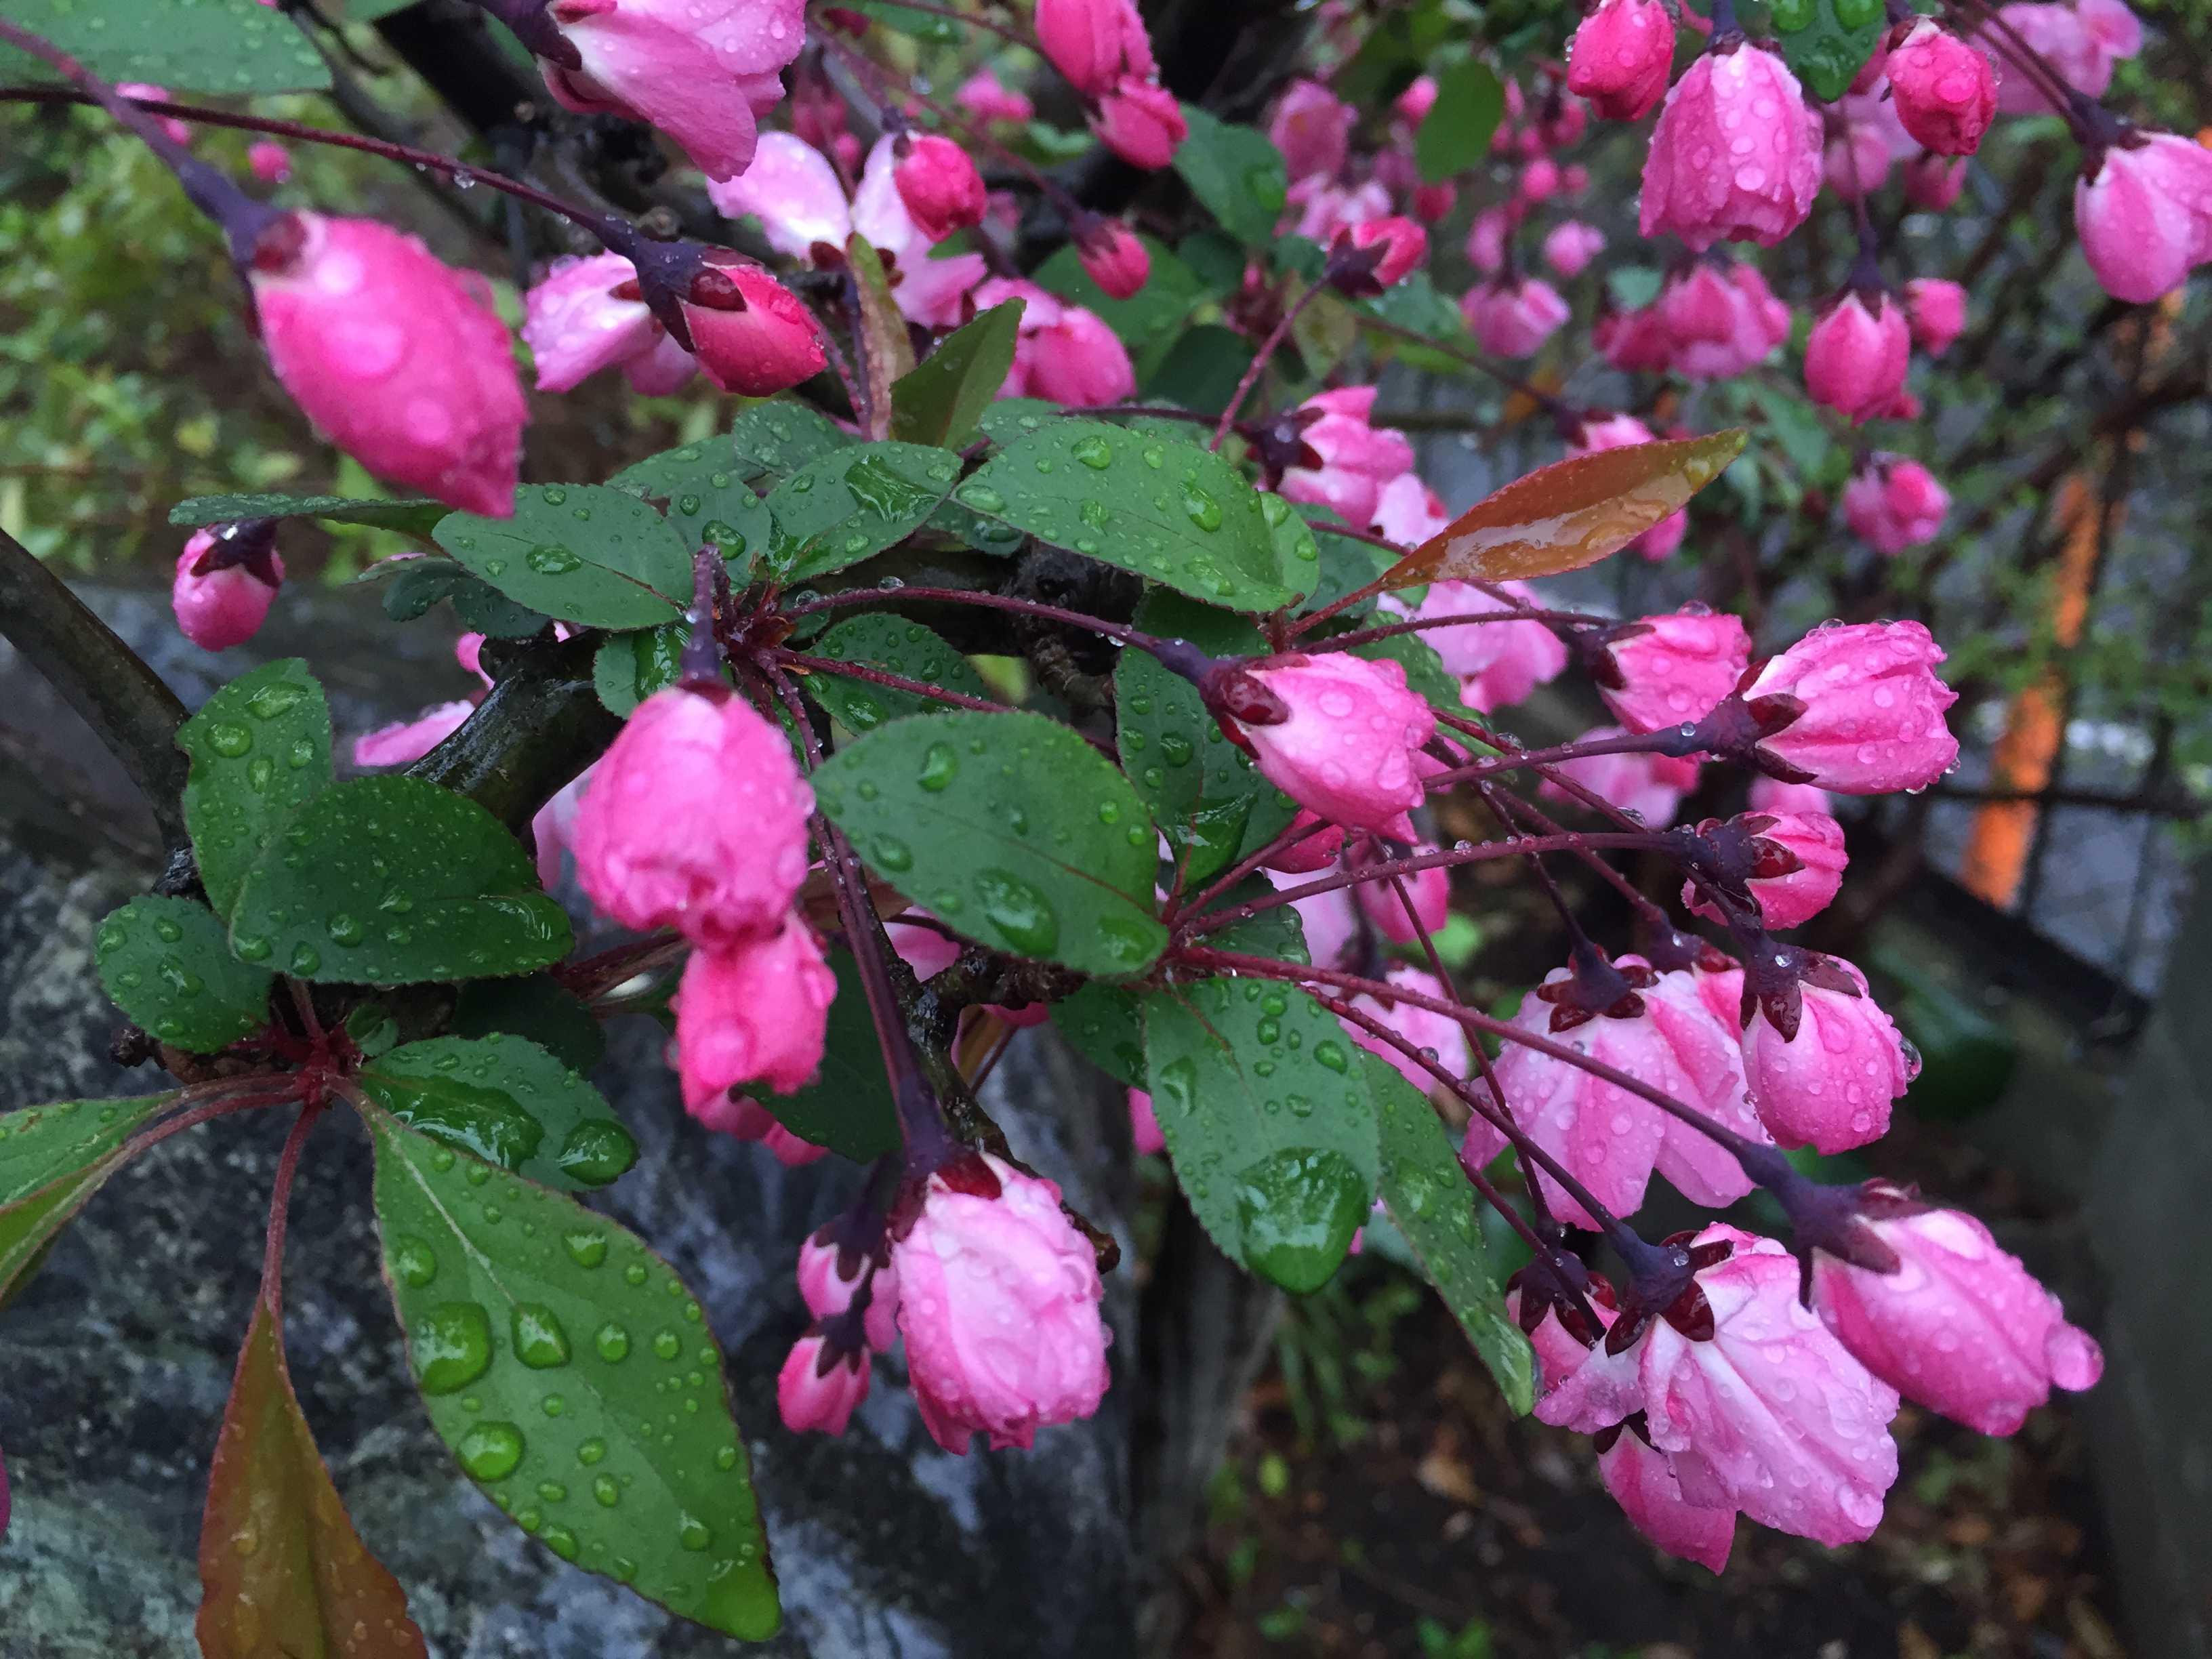 ハナカイドウ(花海棠)の葉っぱ